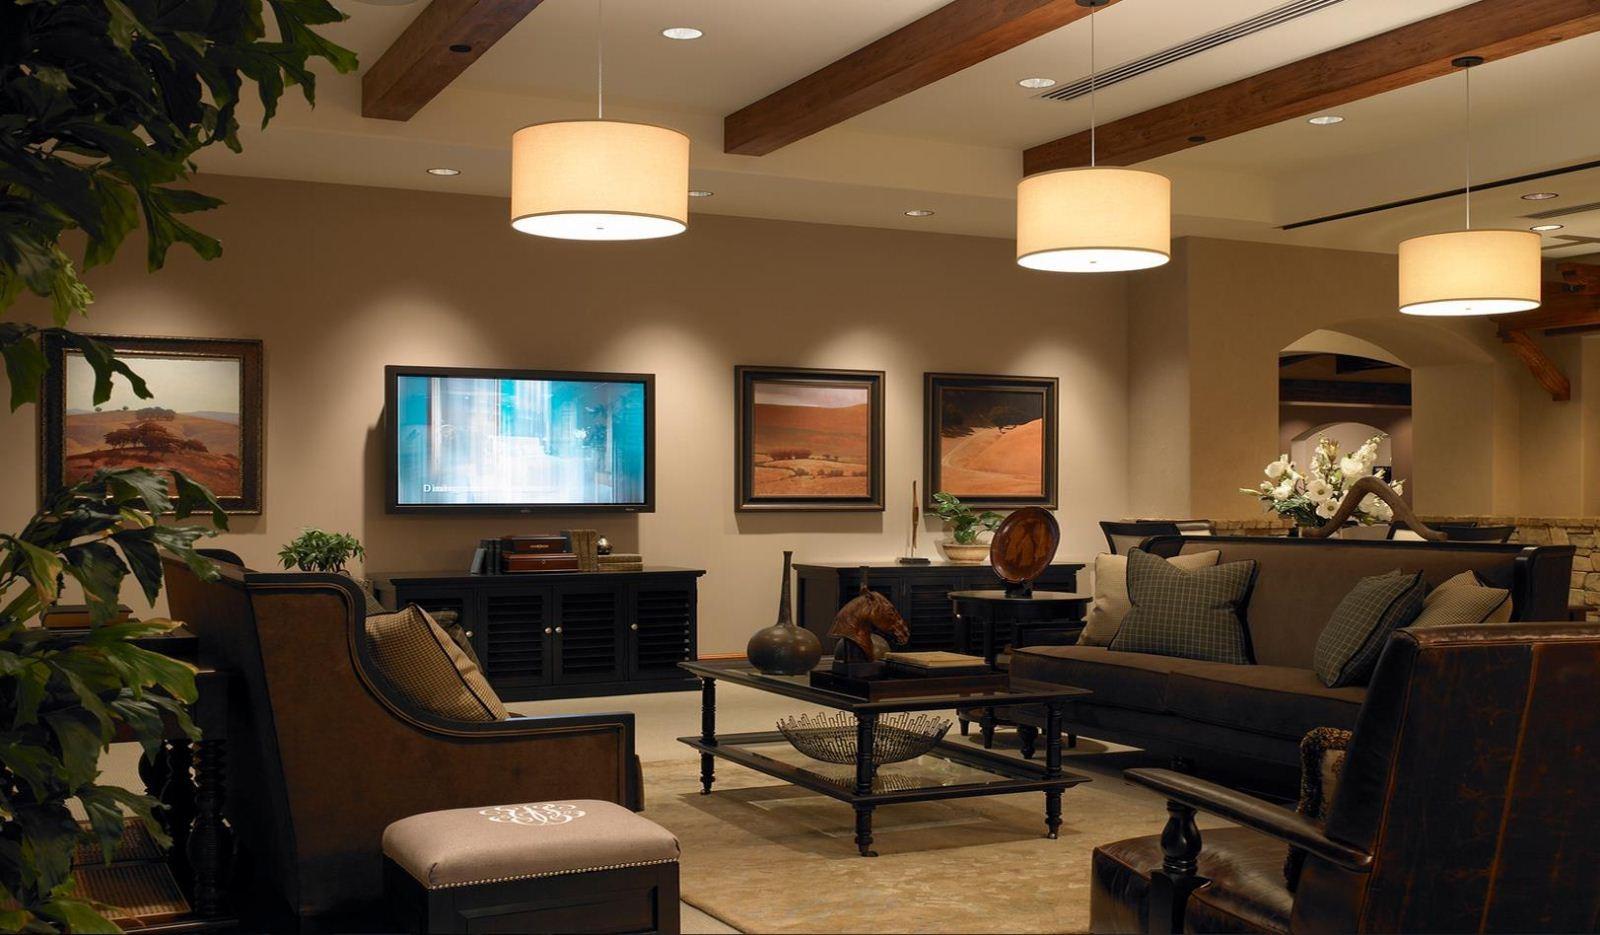 除了應滿足基本照明質量外,在智能家居設計中,室內照明還應滿足以下幾